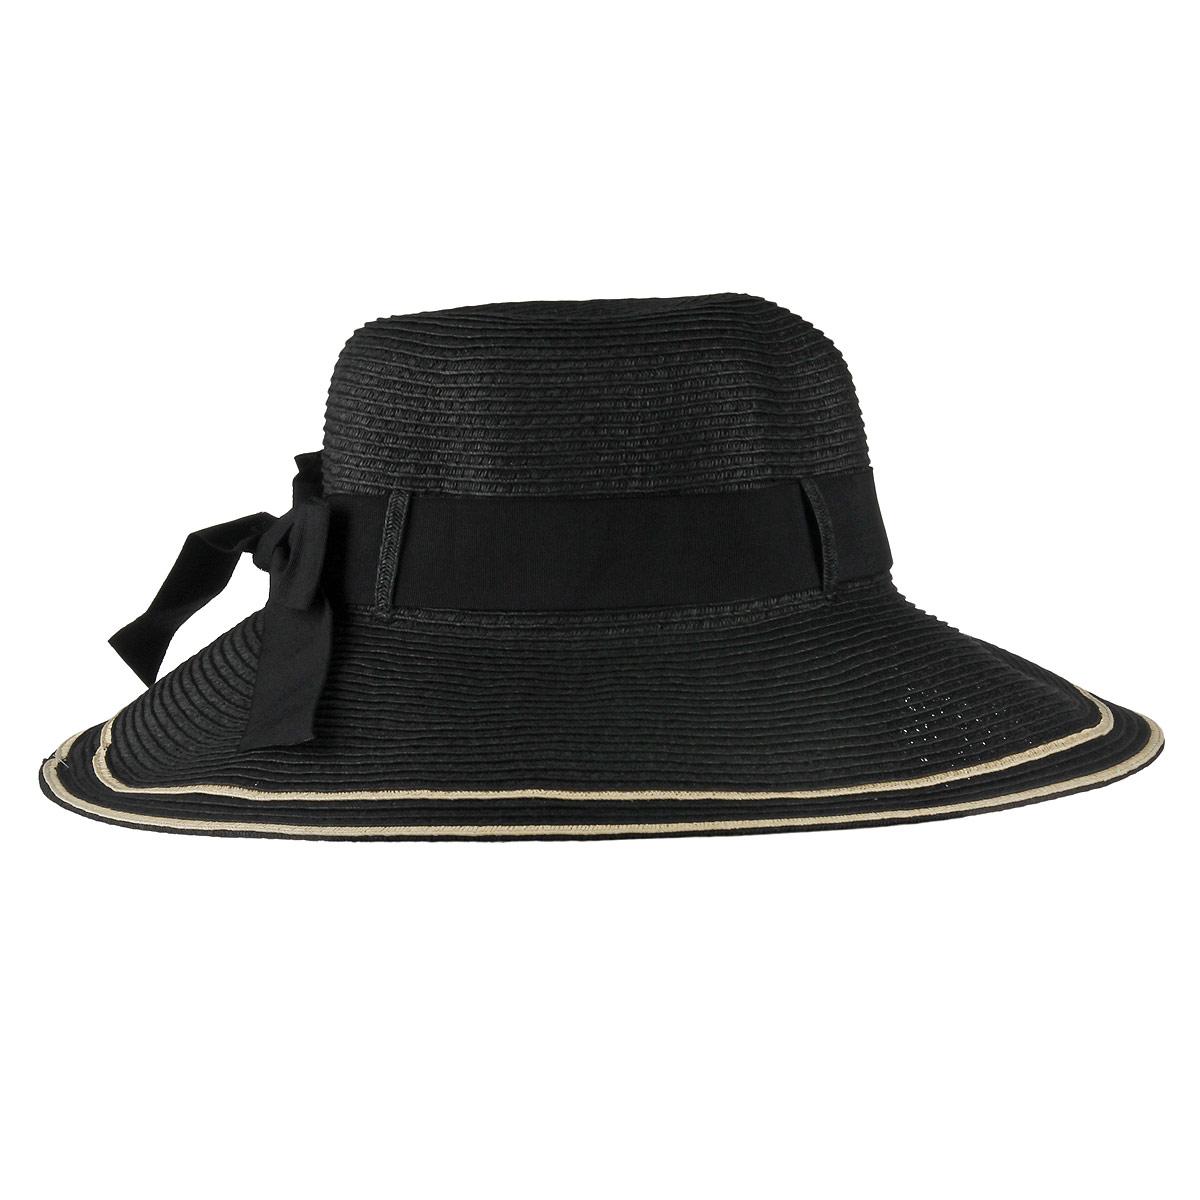 Шляпа1966191Очаровательная женская шляпа Canoe Chic, выполненная из искусственной соломы и прочного полиэстера, станет незаменимым аксессуаром для пляжа и отдыха на природе. Широкие поля шляпы обеспечат надежную защиту от солнечных лучей. Шляпа оформлена декоративной лентой с бантом. Плетение шляпы обеспечивает необходимую вентиляцию и комфорт даже в самый знойный день. Шляпа легко восстанавливает свою форму после сжатия. Стильная шляпа с элегантными волнистыми полями подчеркнет вашу неповторимость и дополнит ваш повседневный образ.